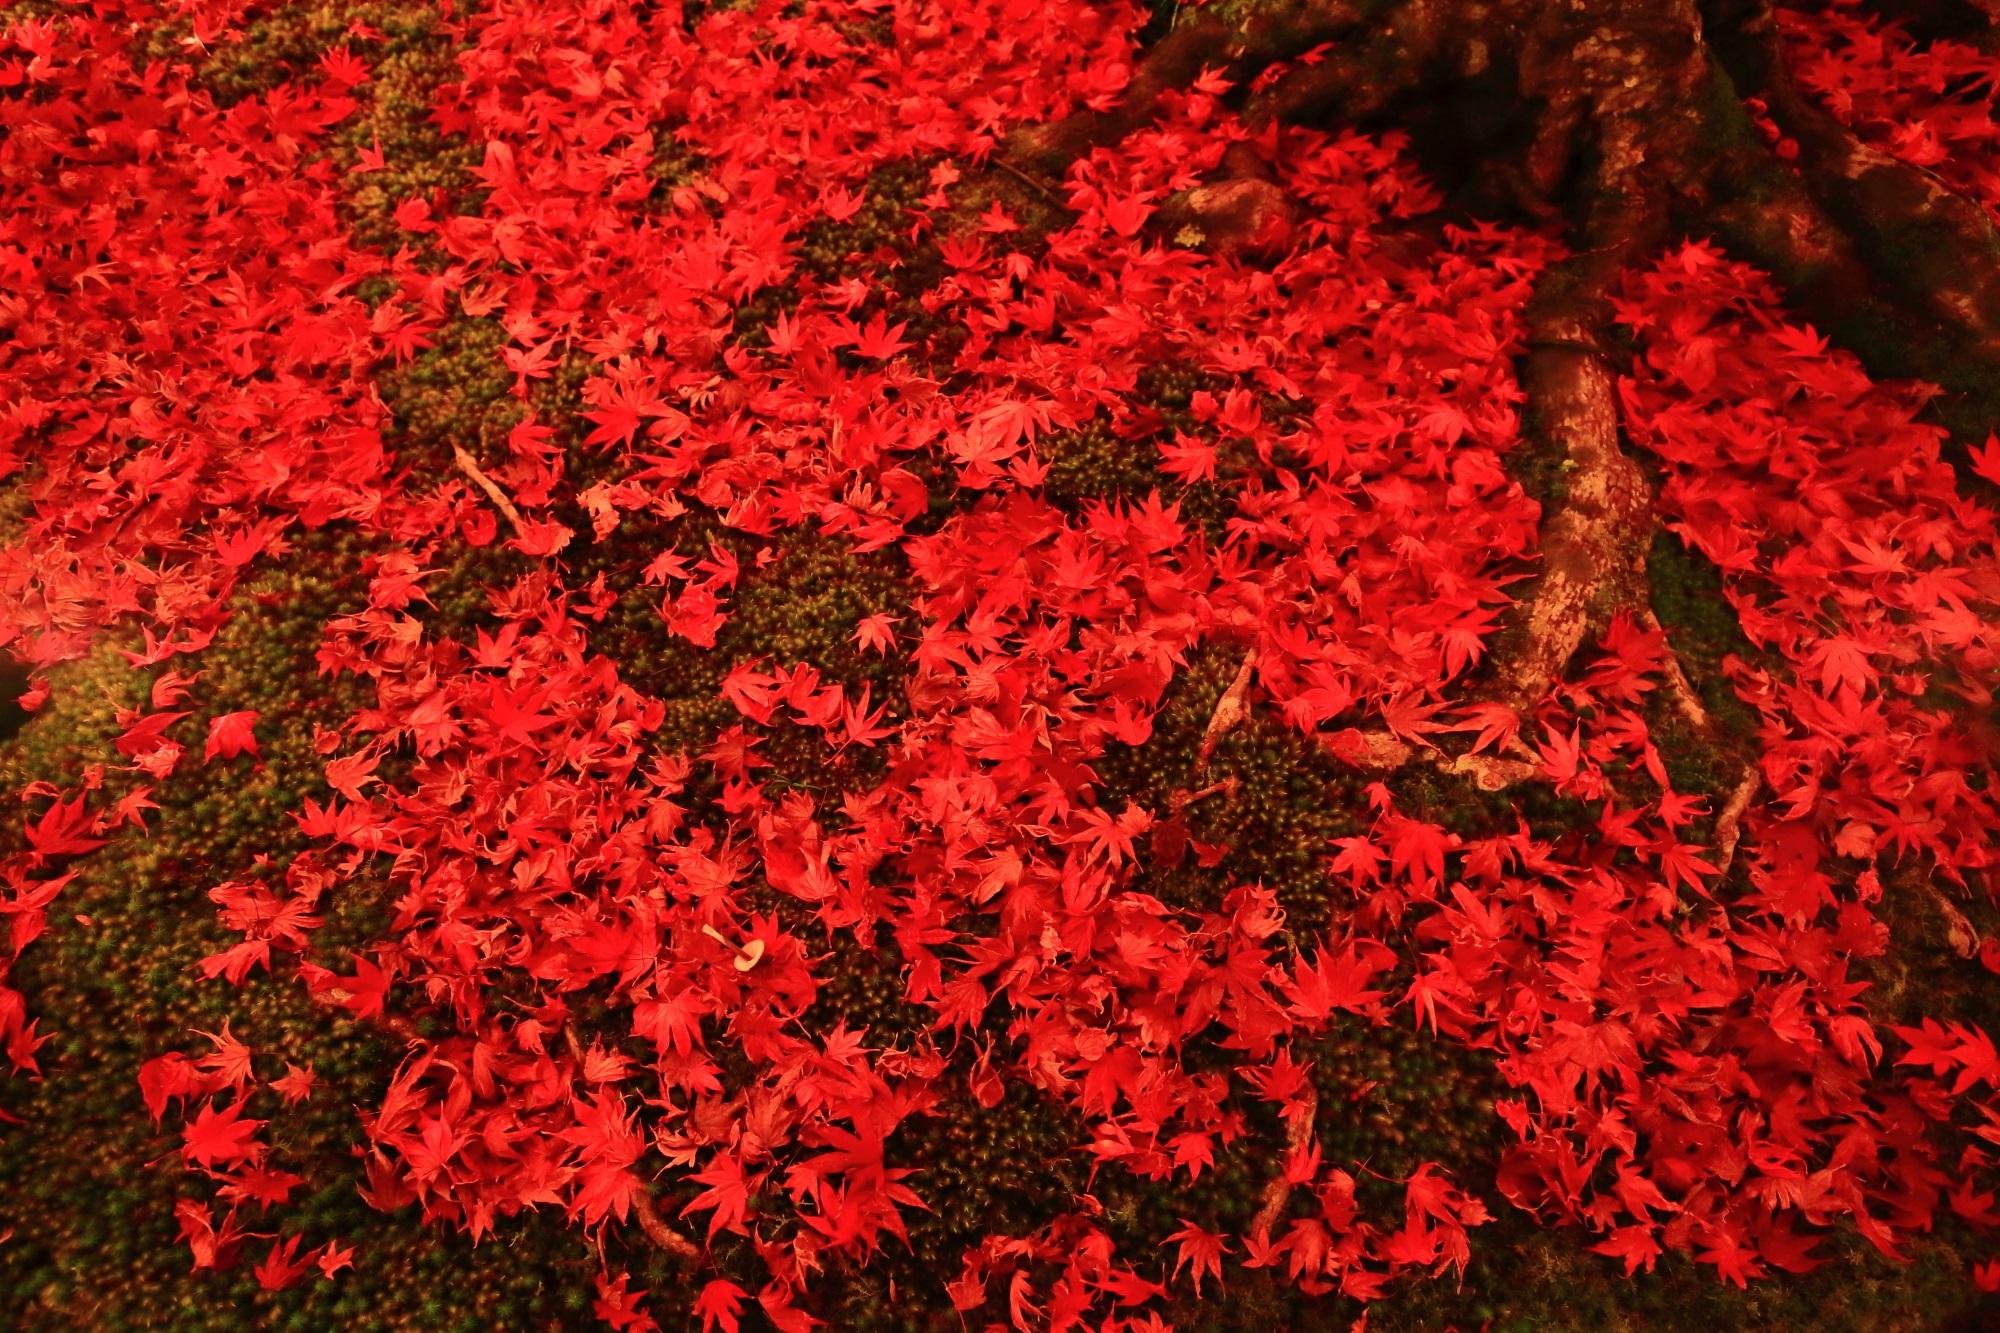 宝厳院の獅子吼の庭の鮮やかな赤い散りもみじのライトアップ